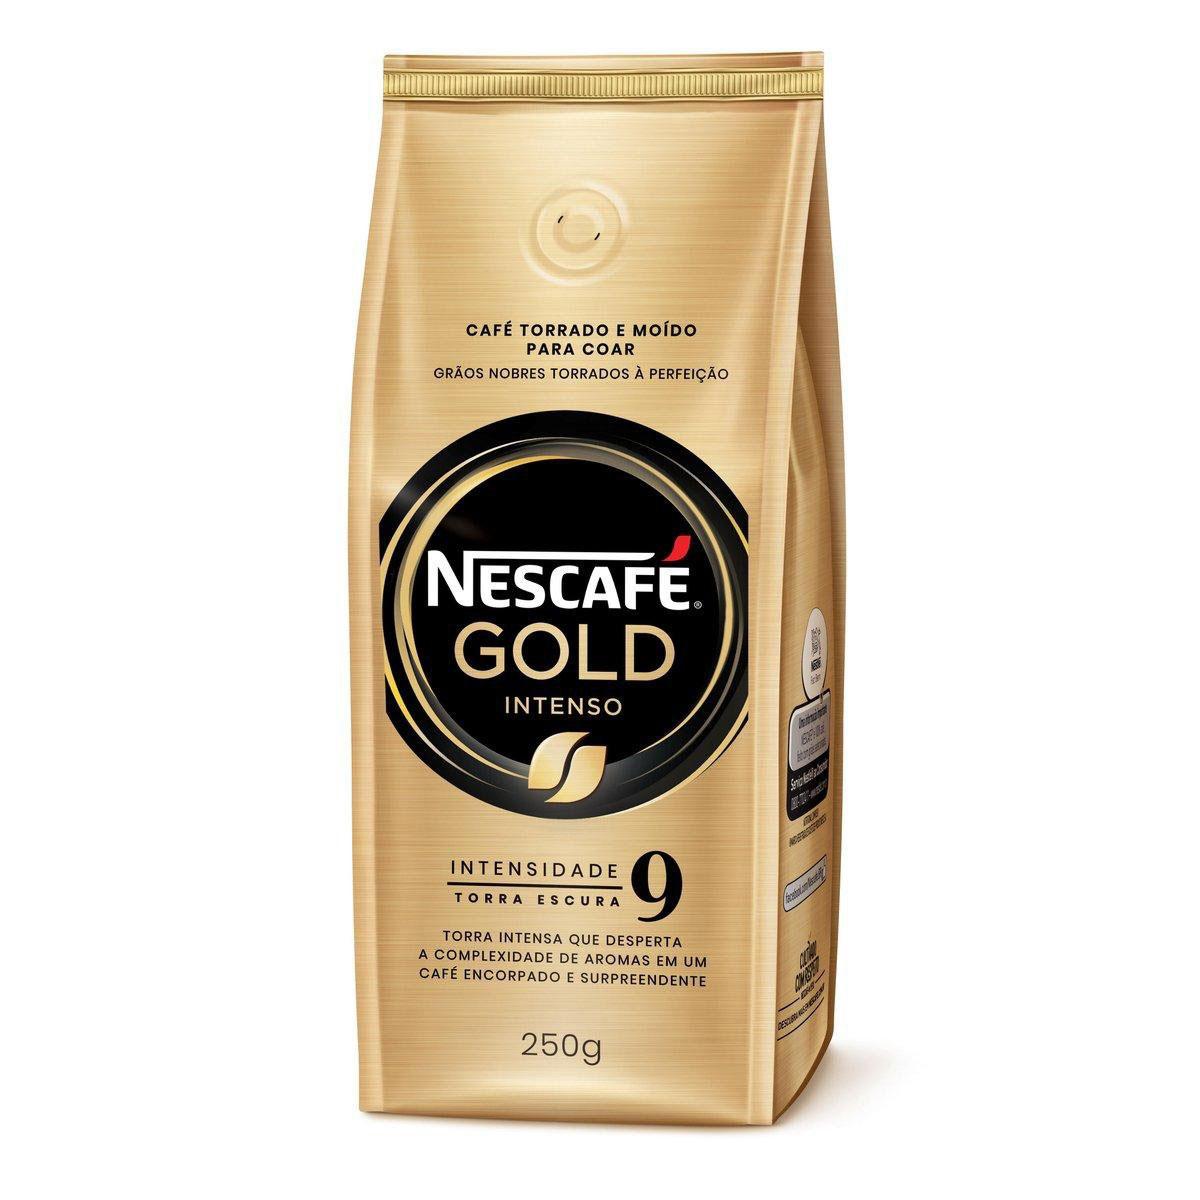 Café Torrado e Moído NESCAFÉ Gold Intenso 250g